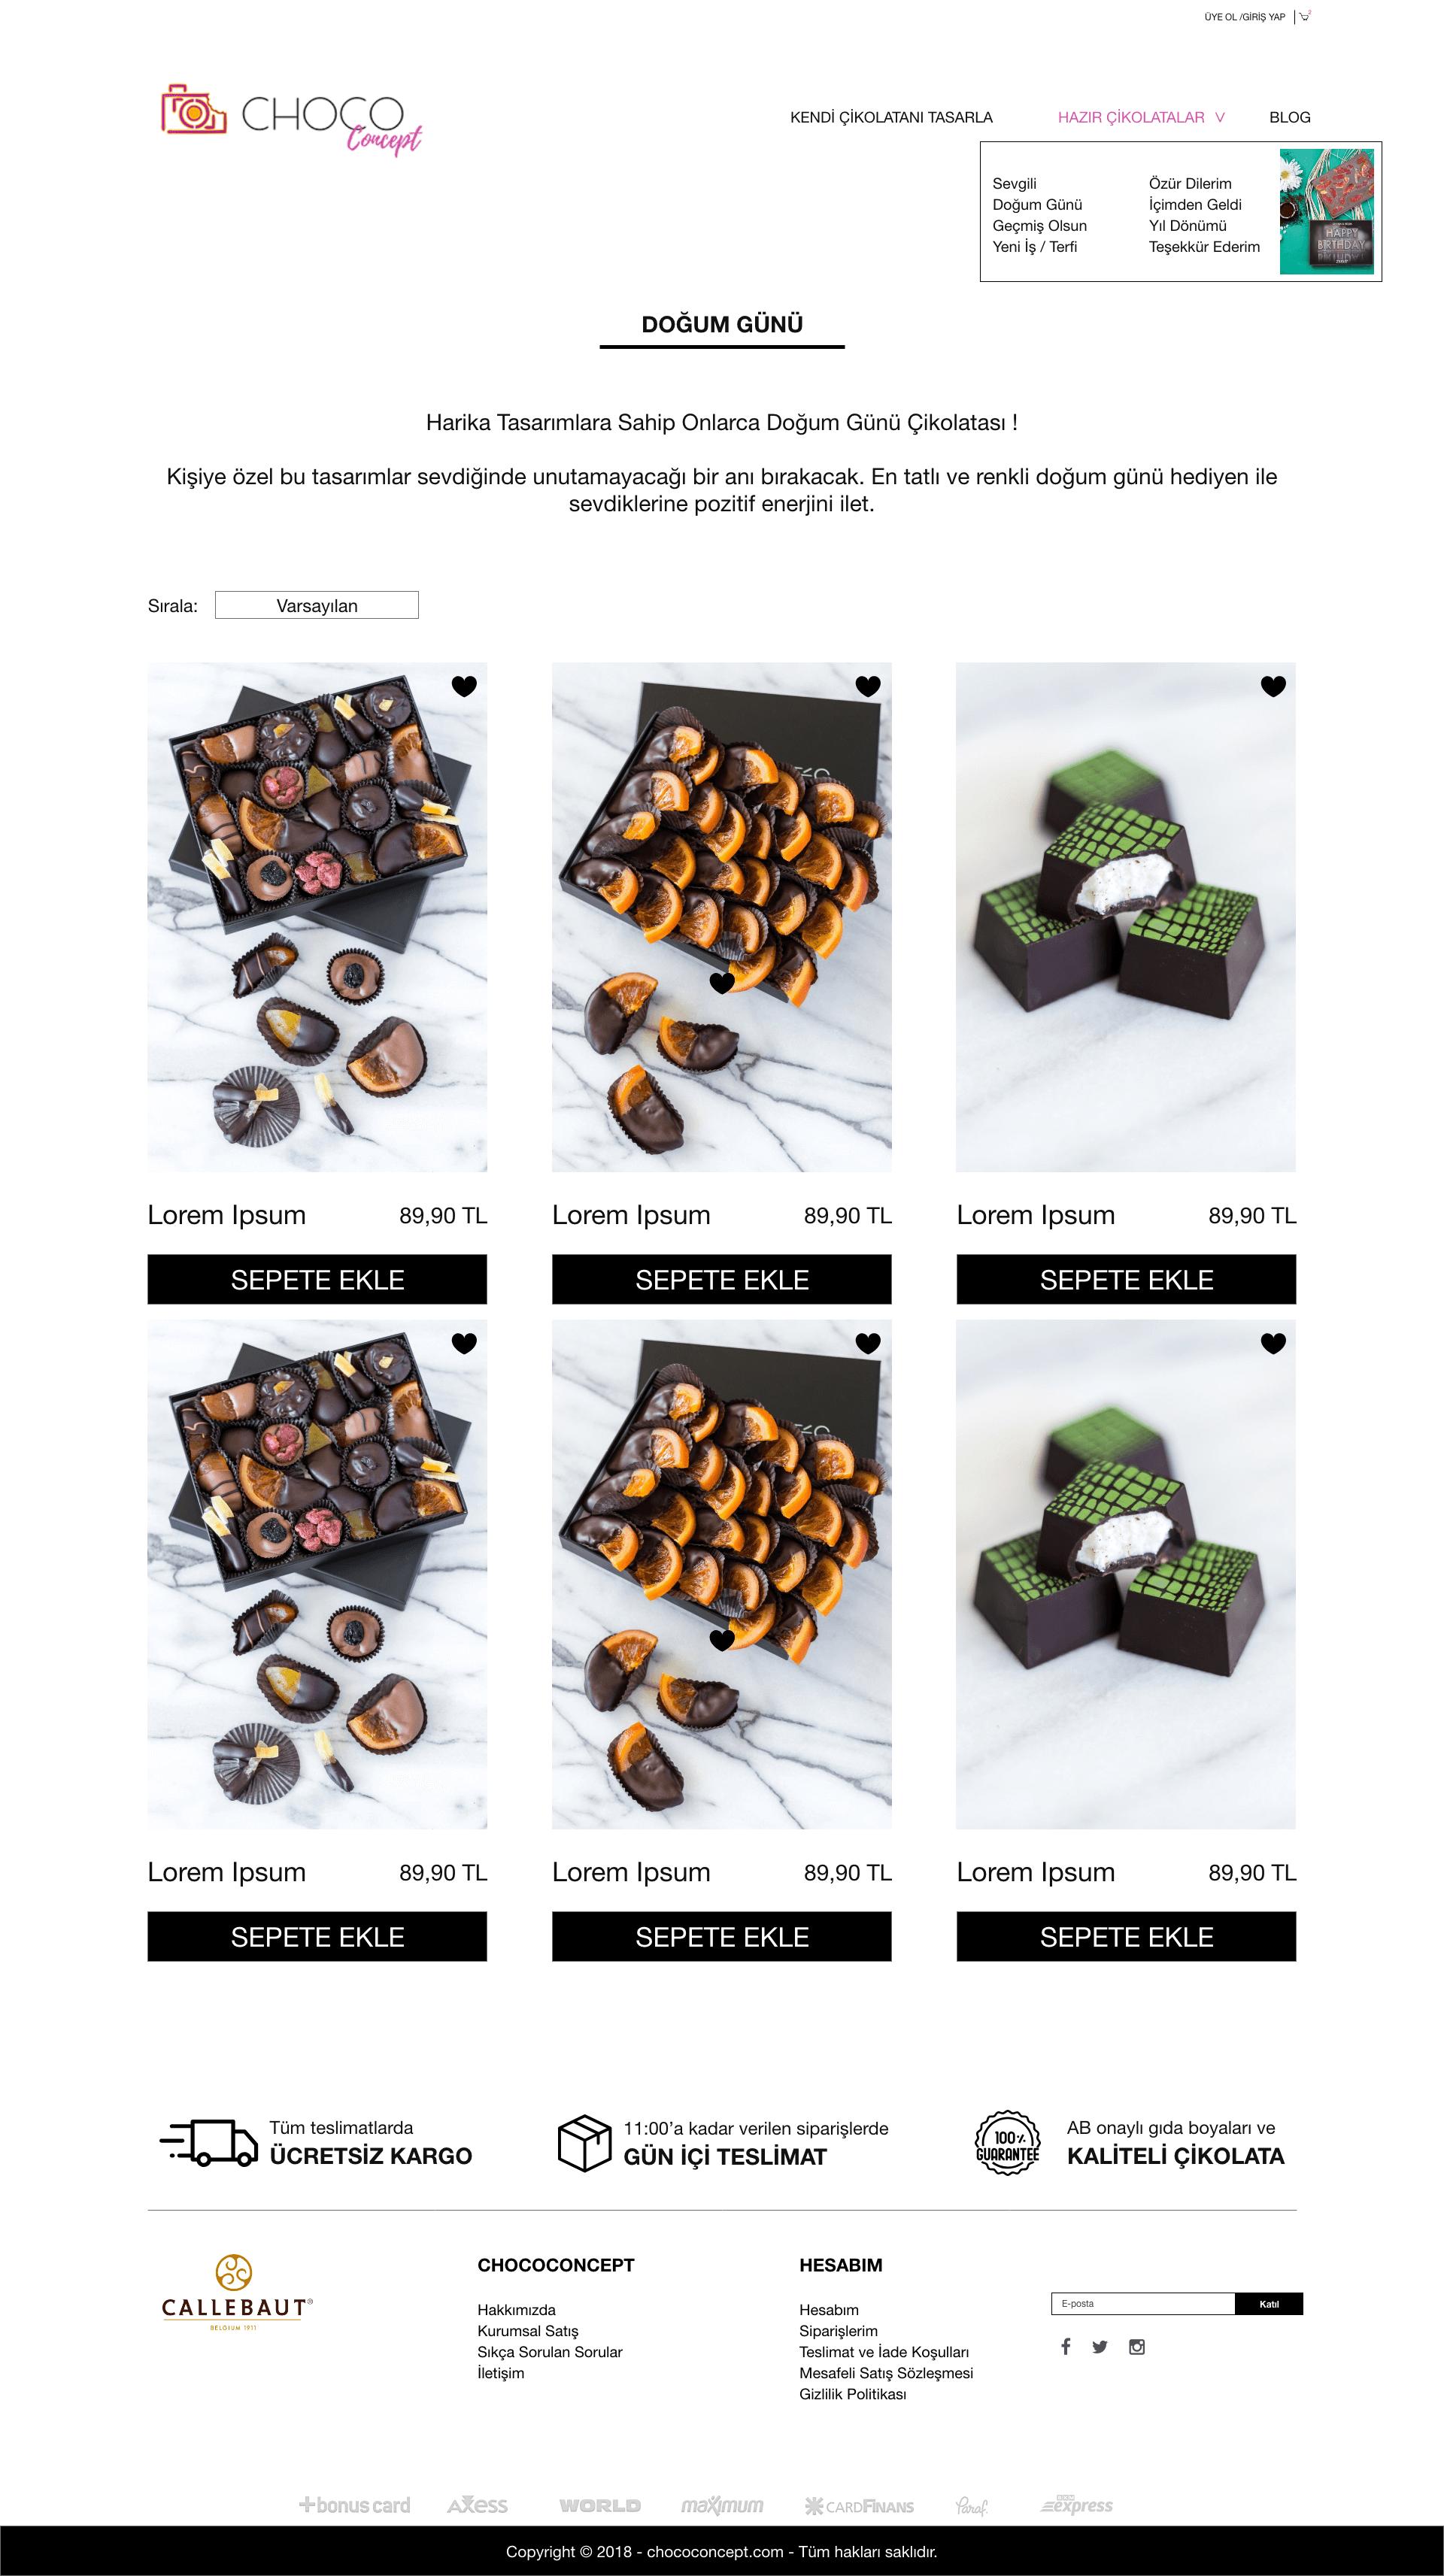 Ceren Varol Choco Concept